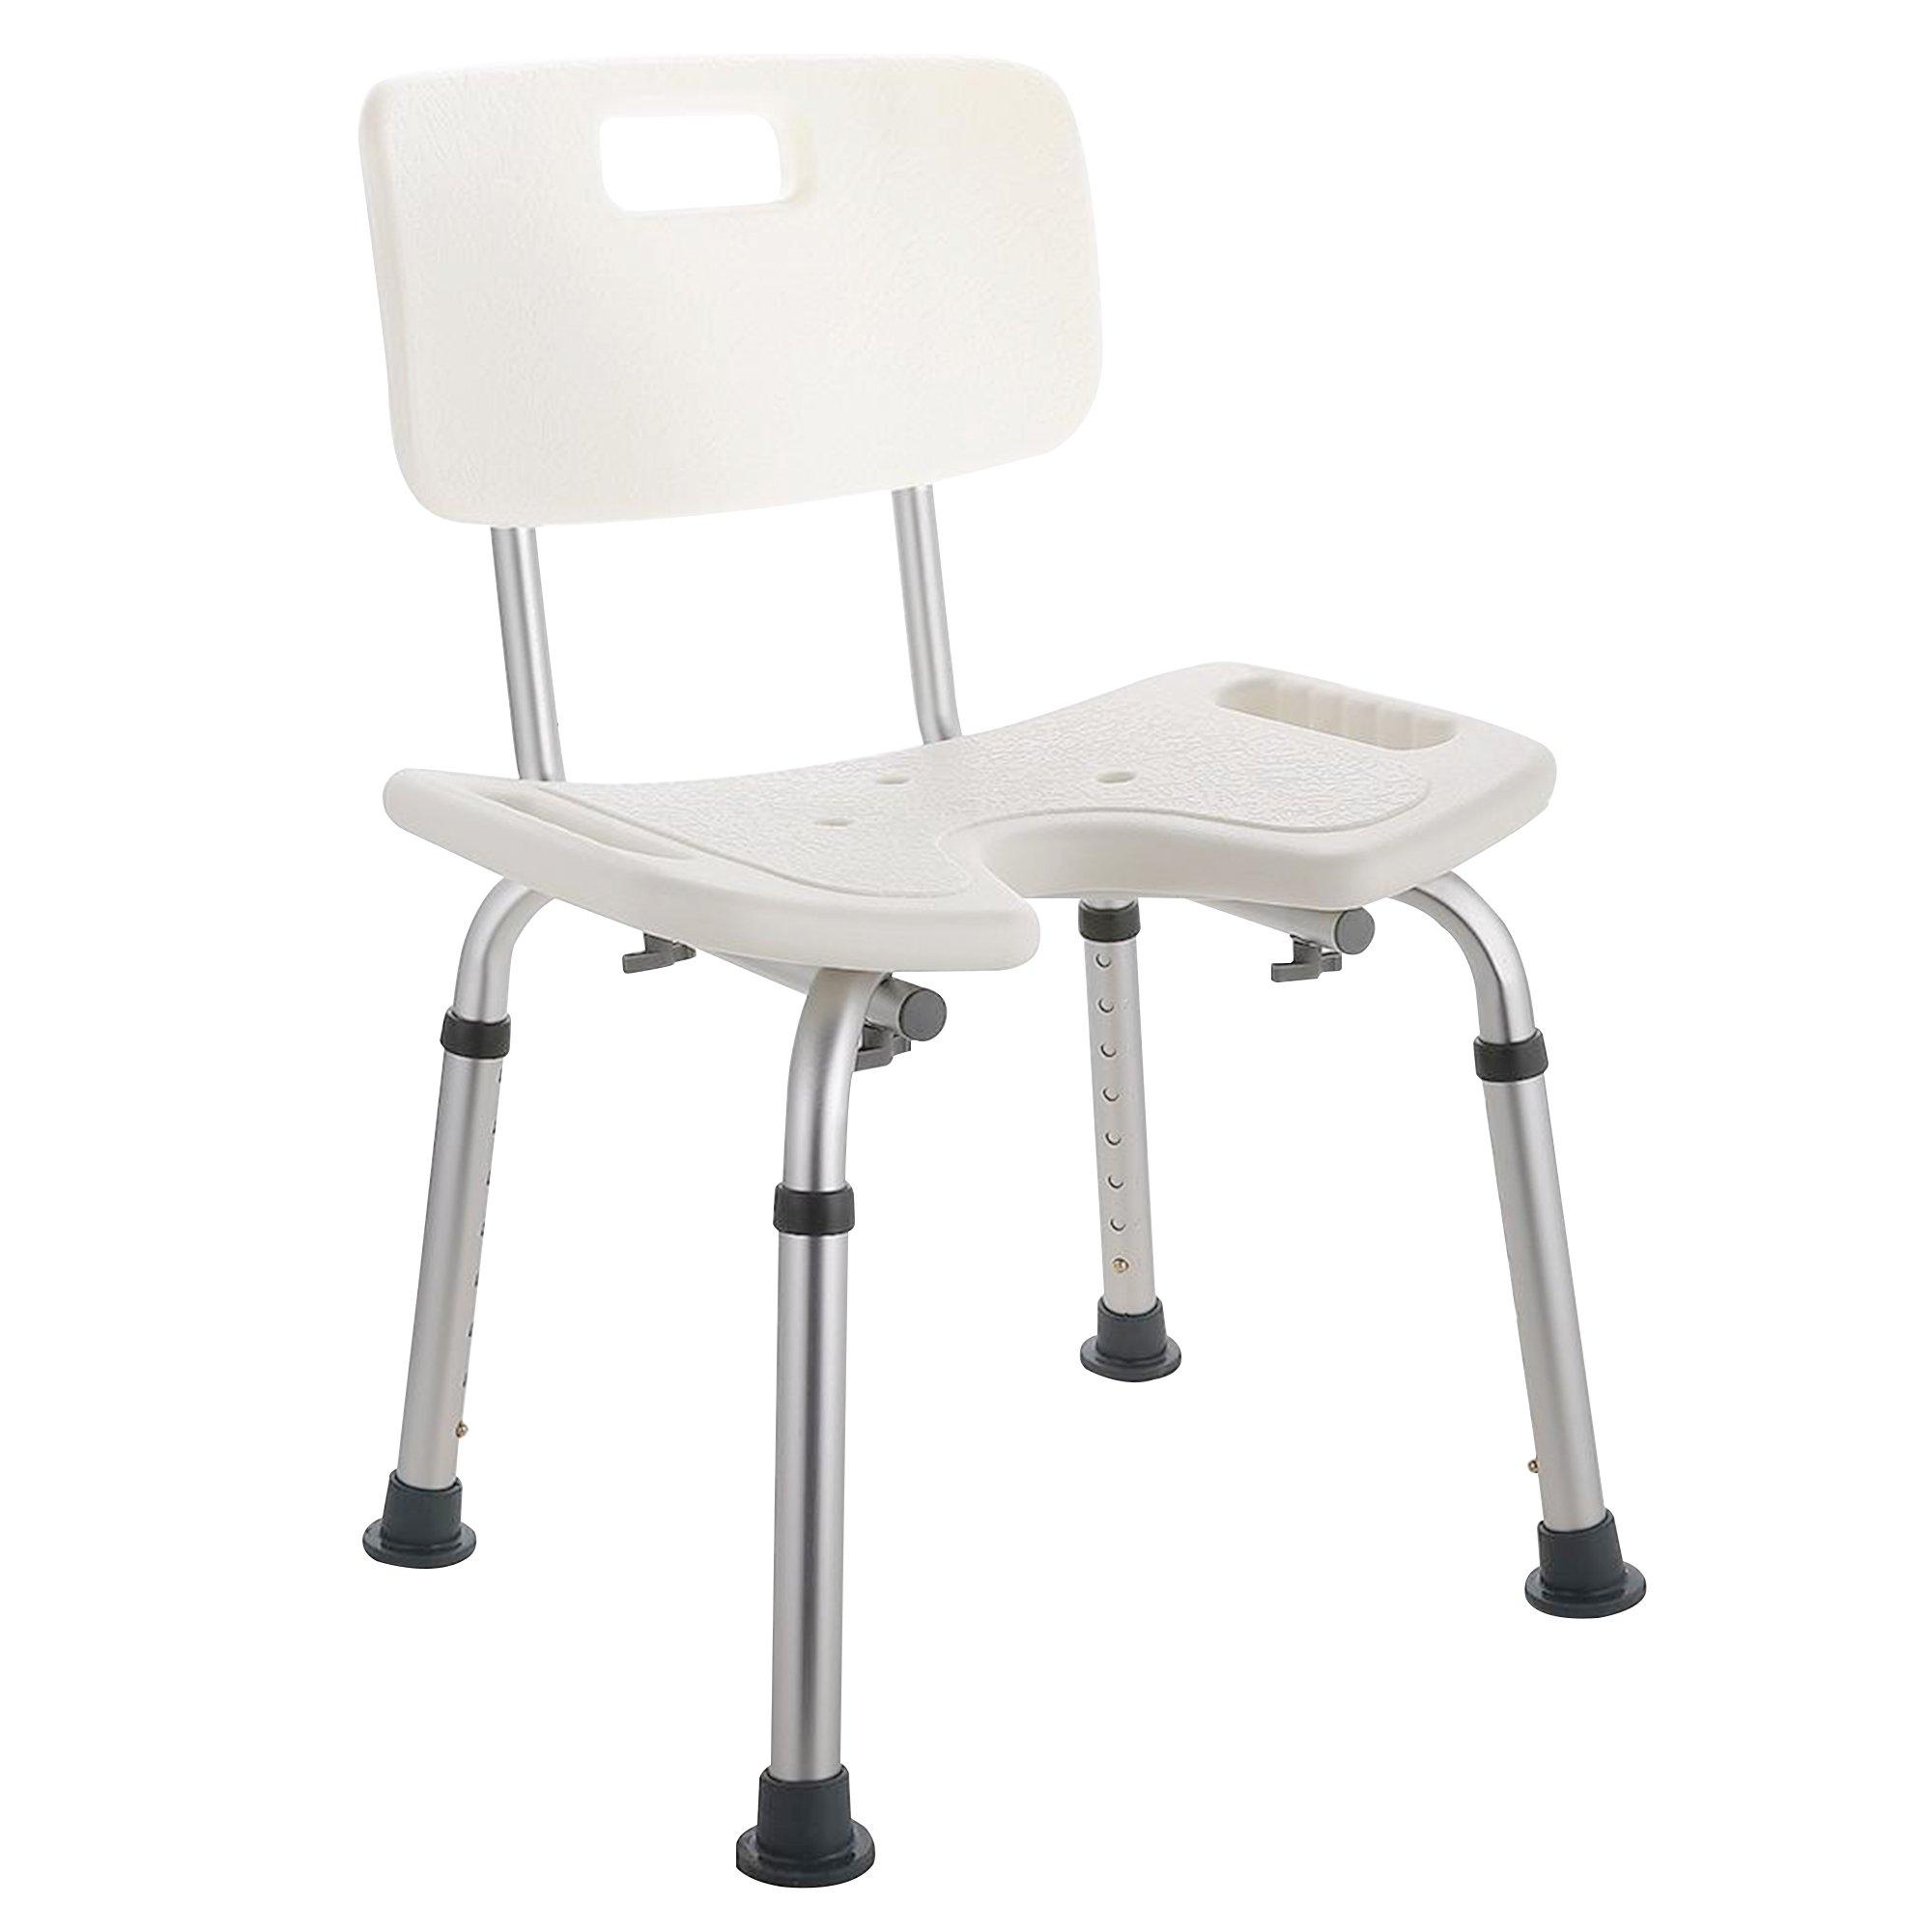 Shower Bath Chair